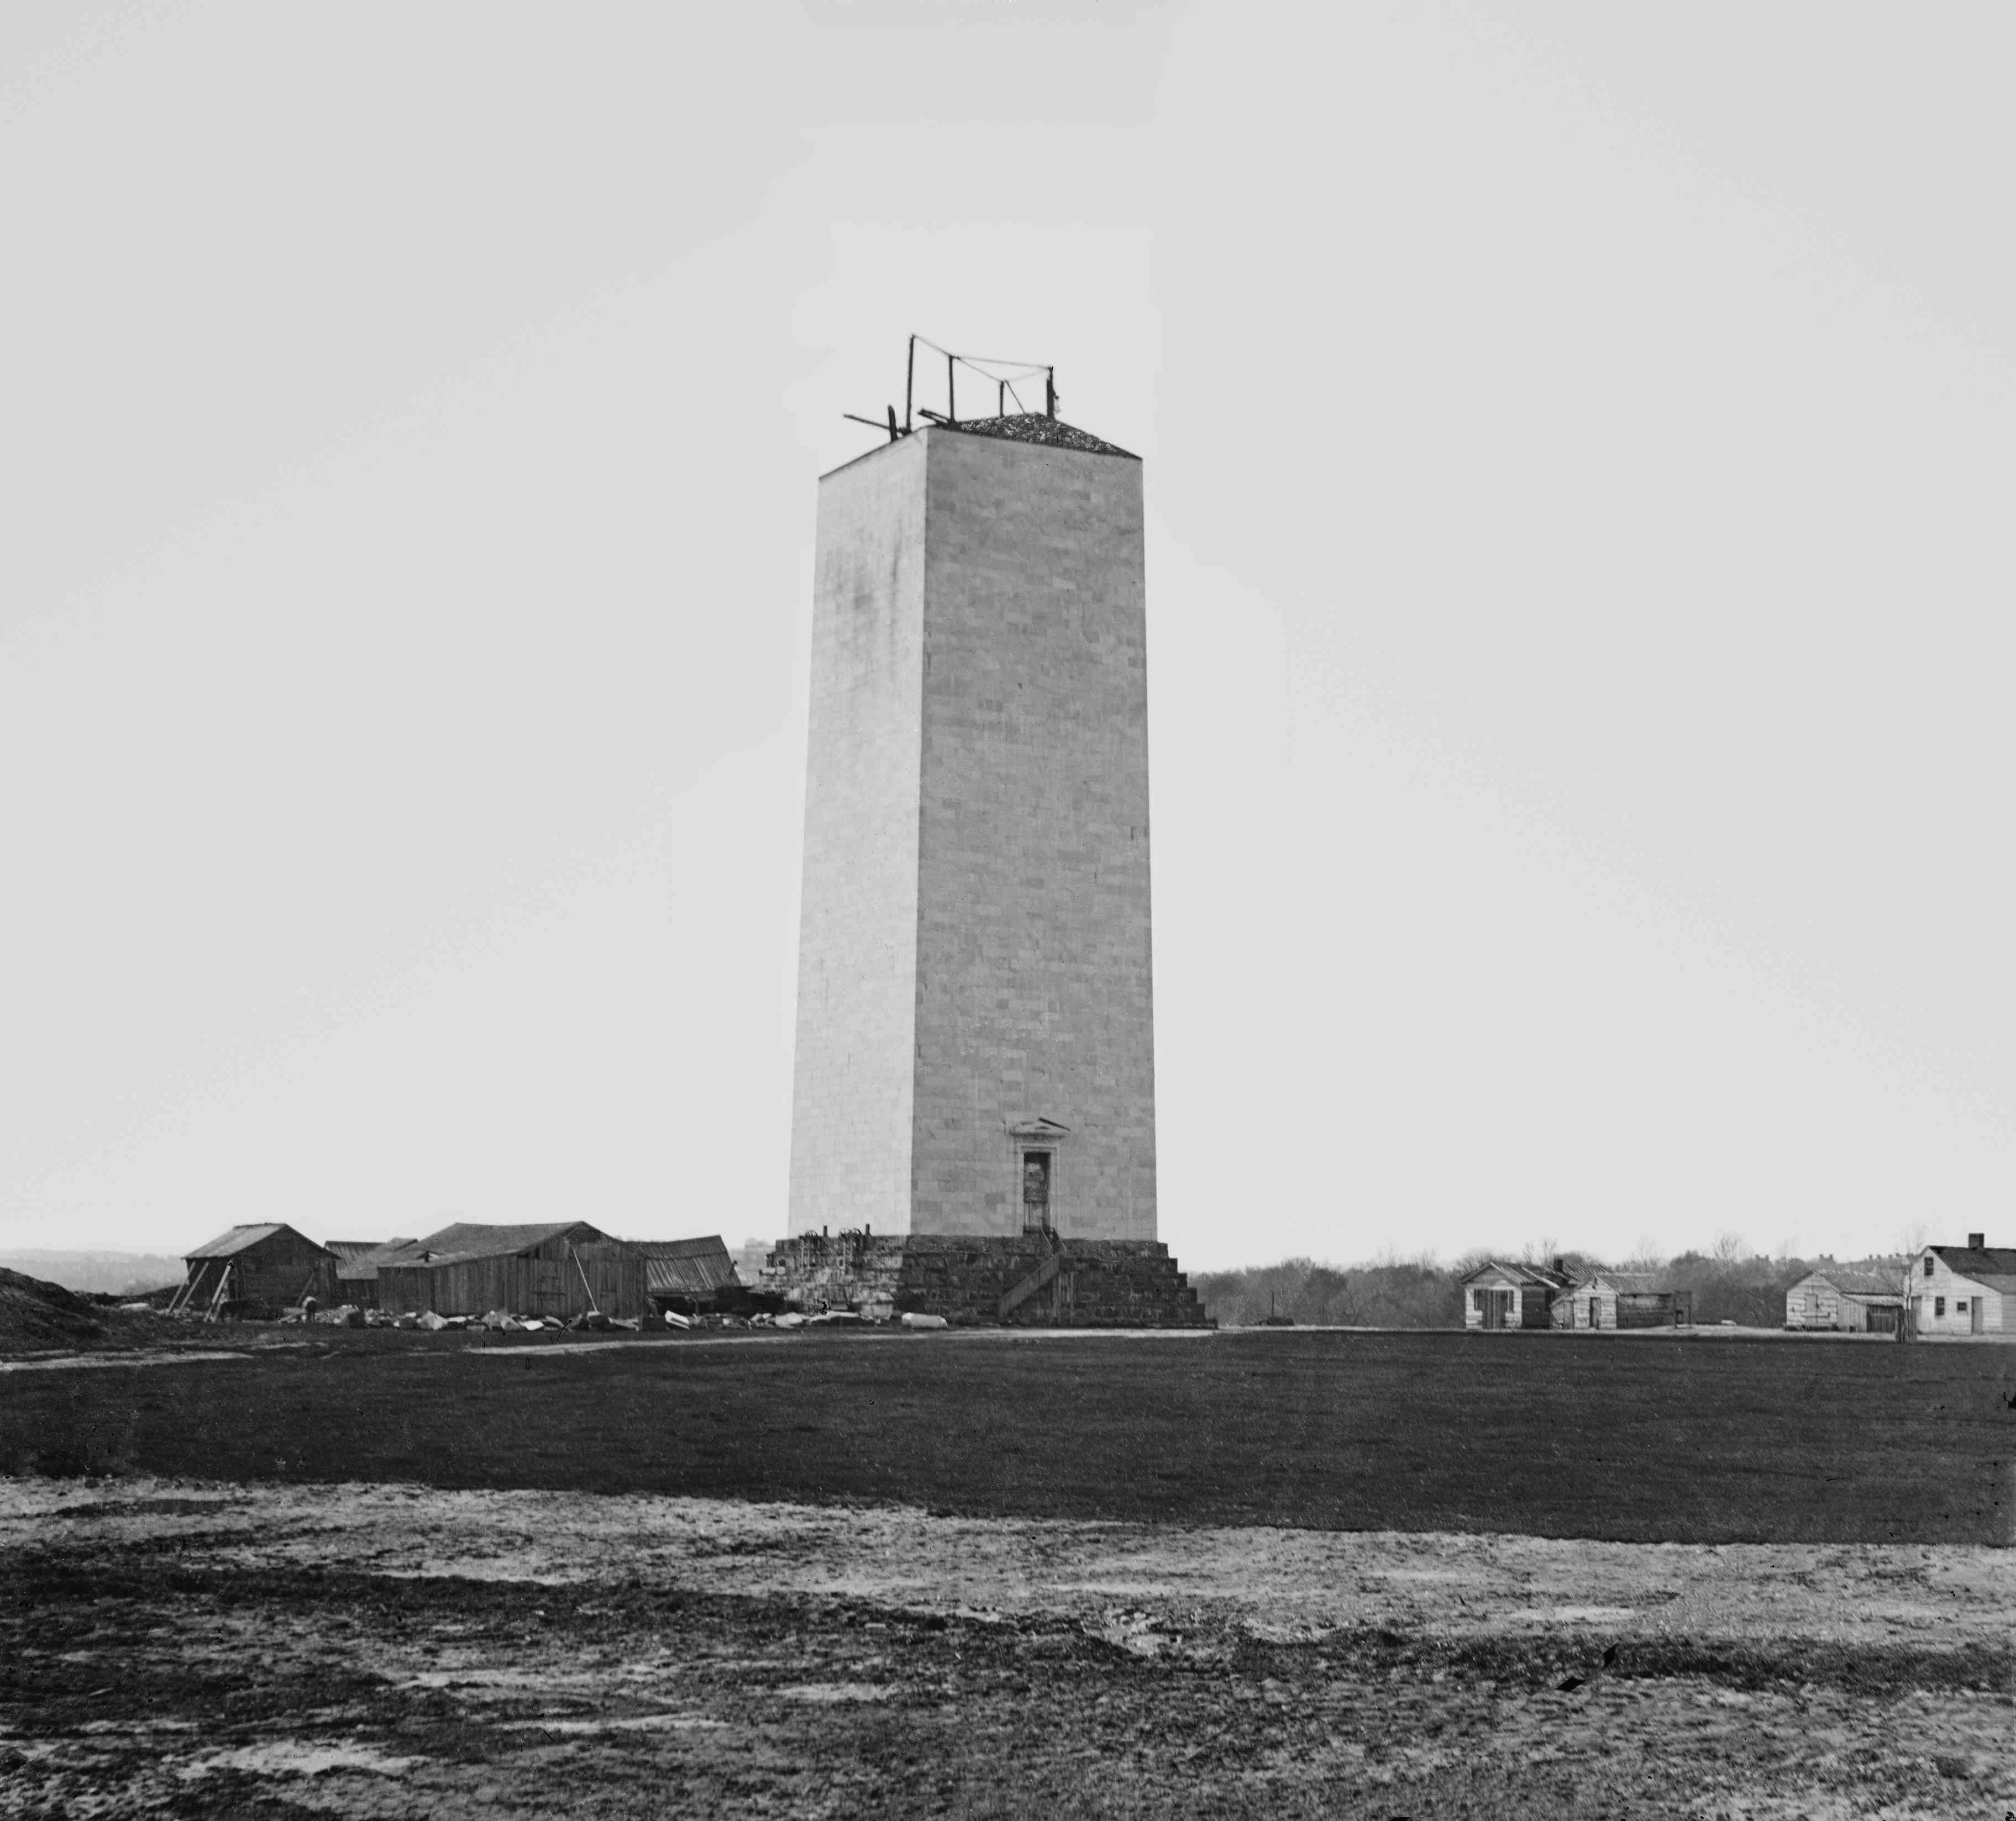 Stopped work on Washington Monument